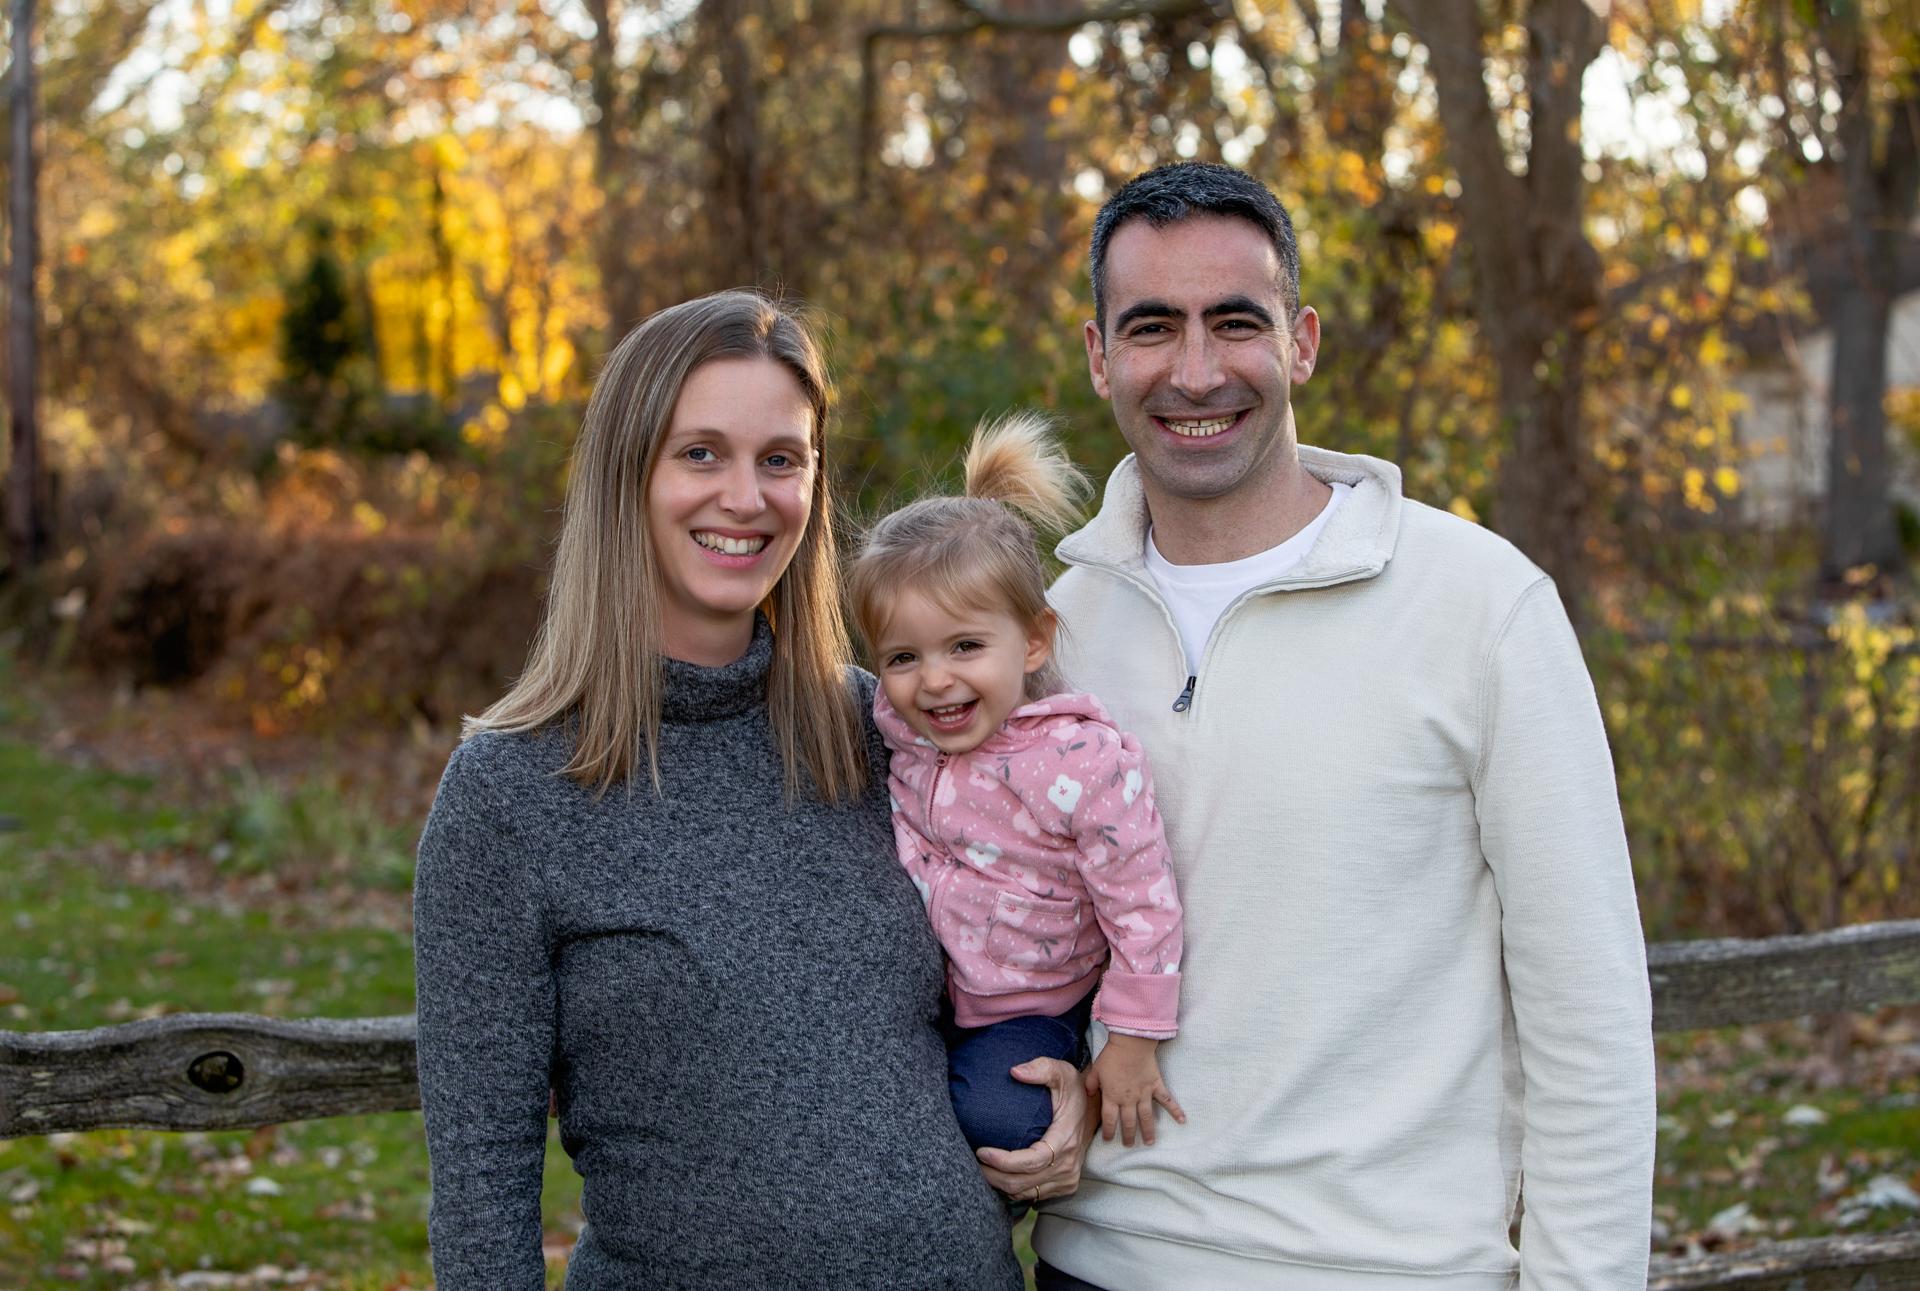 The Leket Family